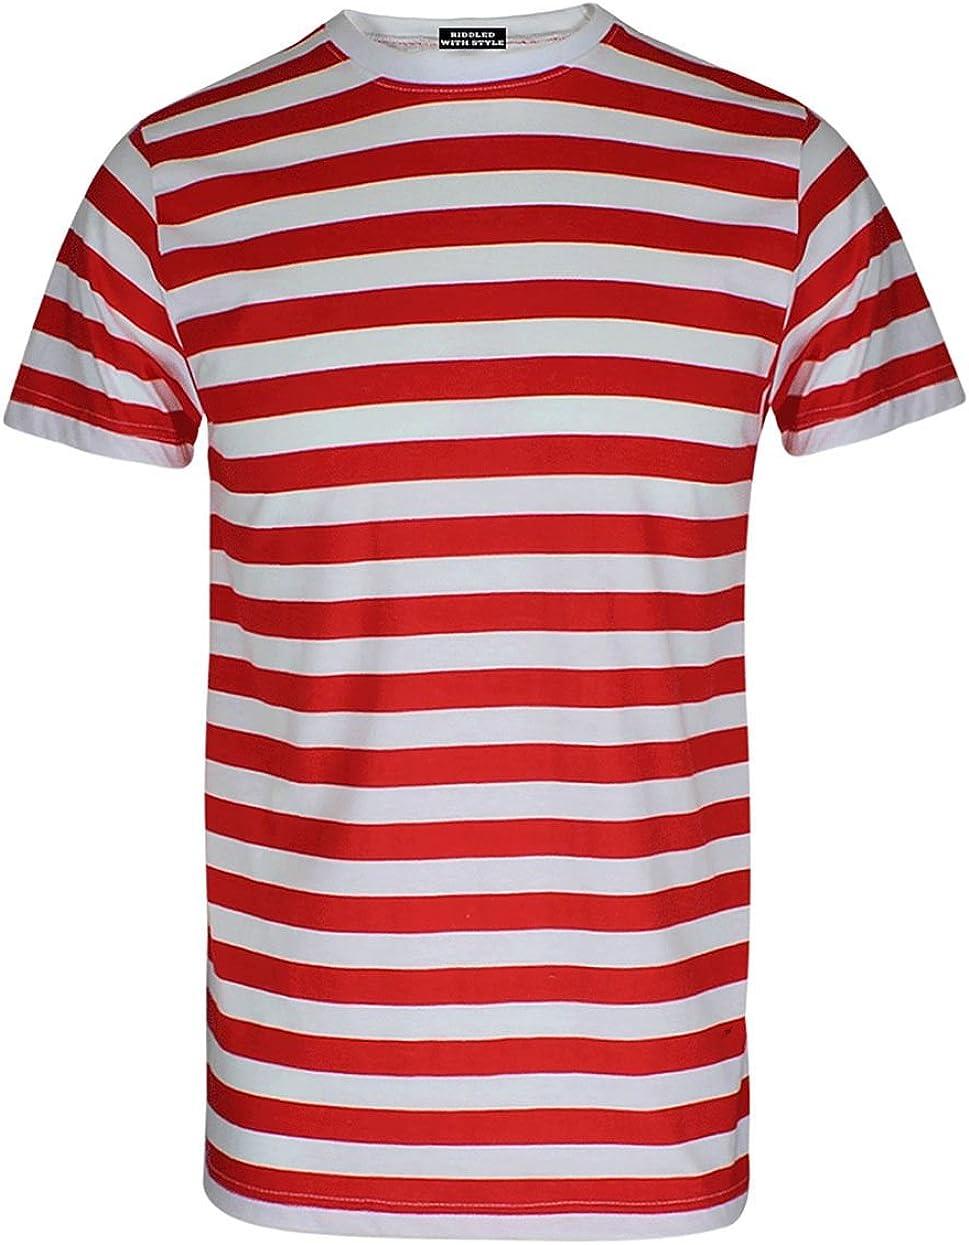 Camiseta para niños, diseño de rayas rojas y blancas, para la semana - Rojo - 14 años: Amazon.es: Ropa y accesorios